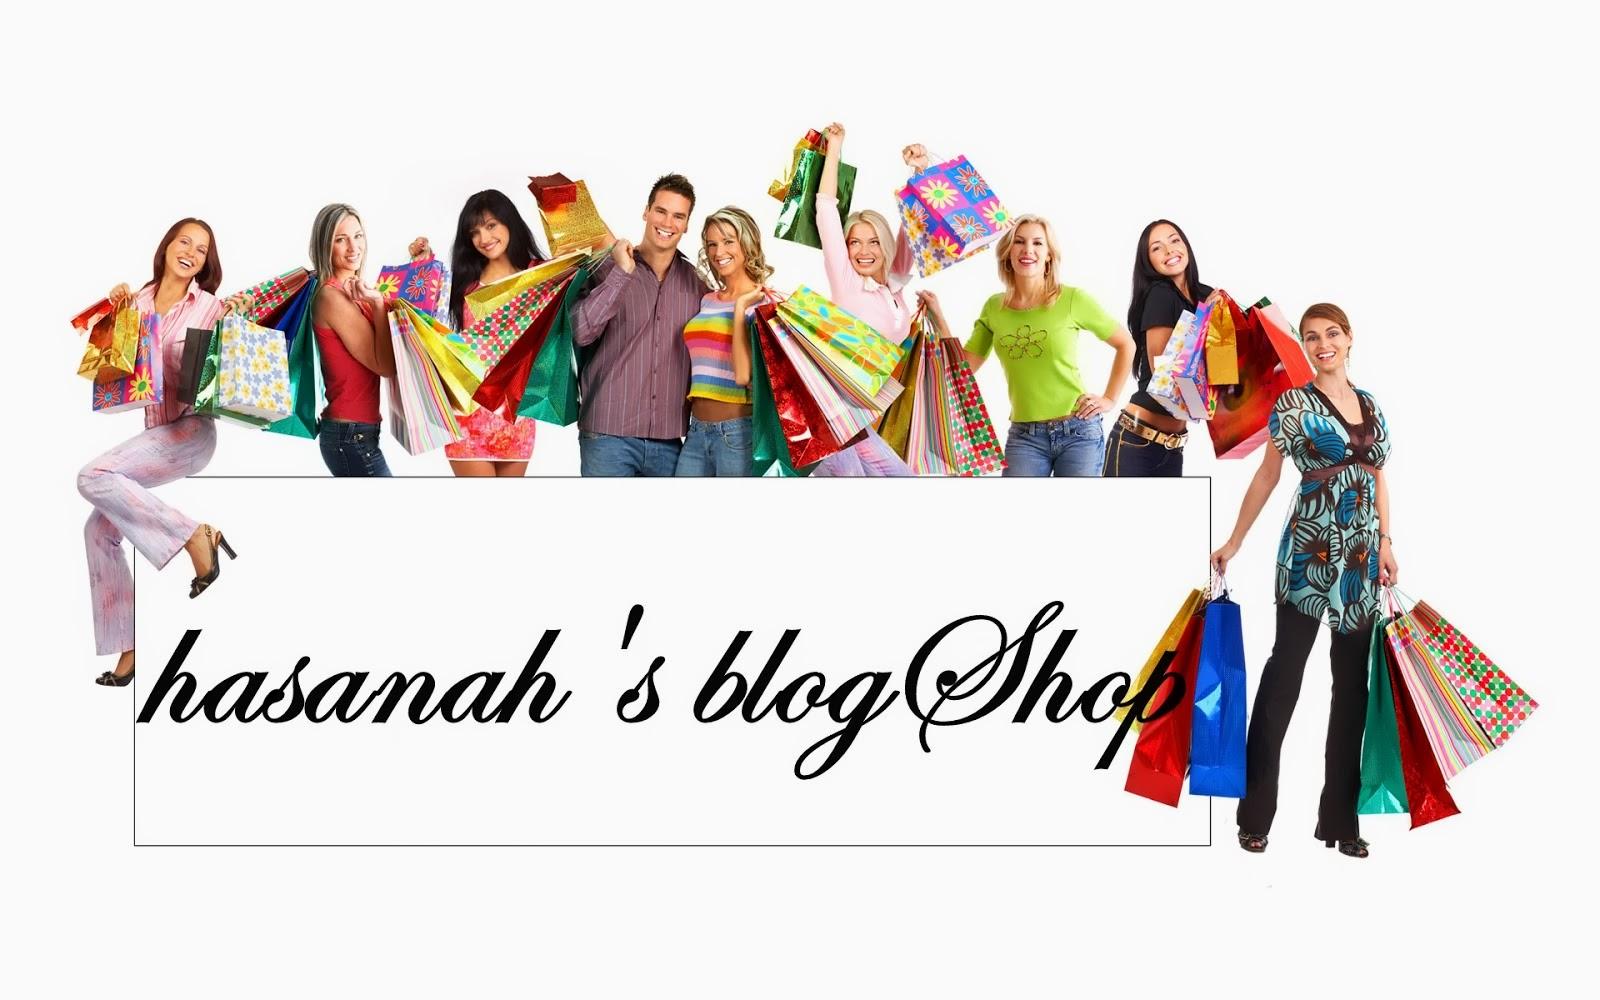 hasanah's blogShop